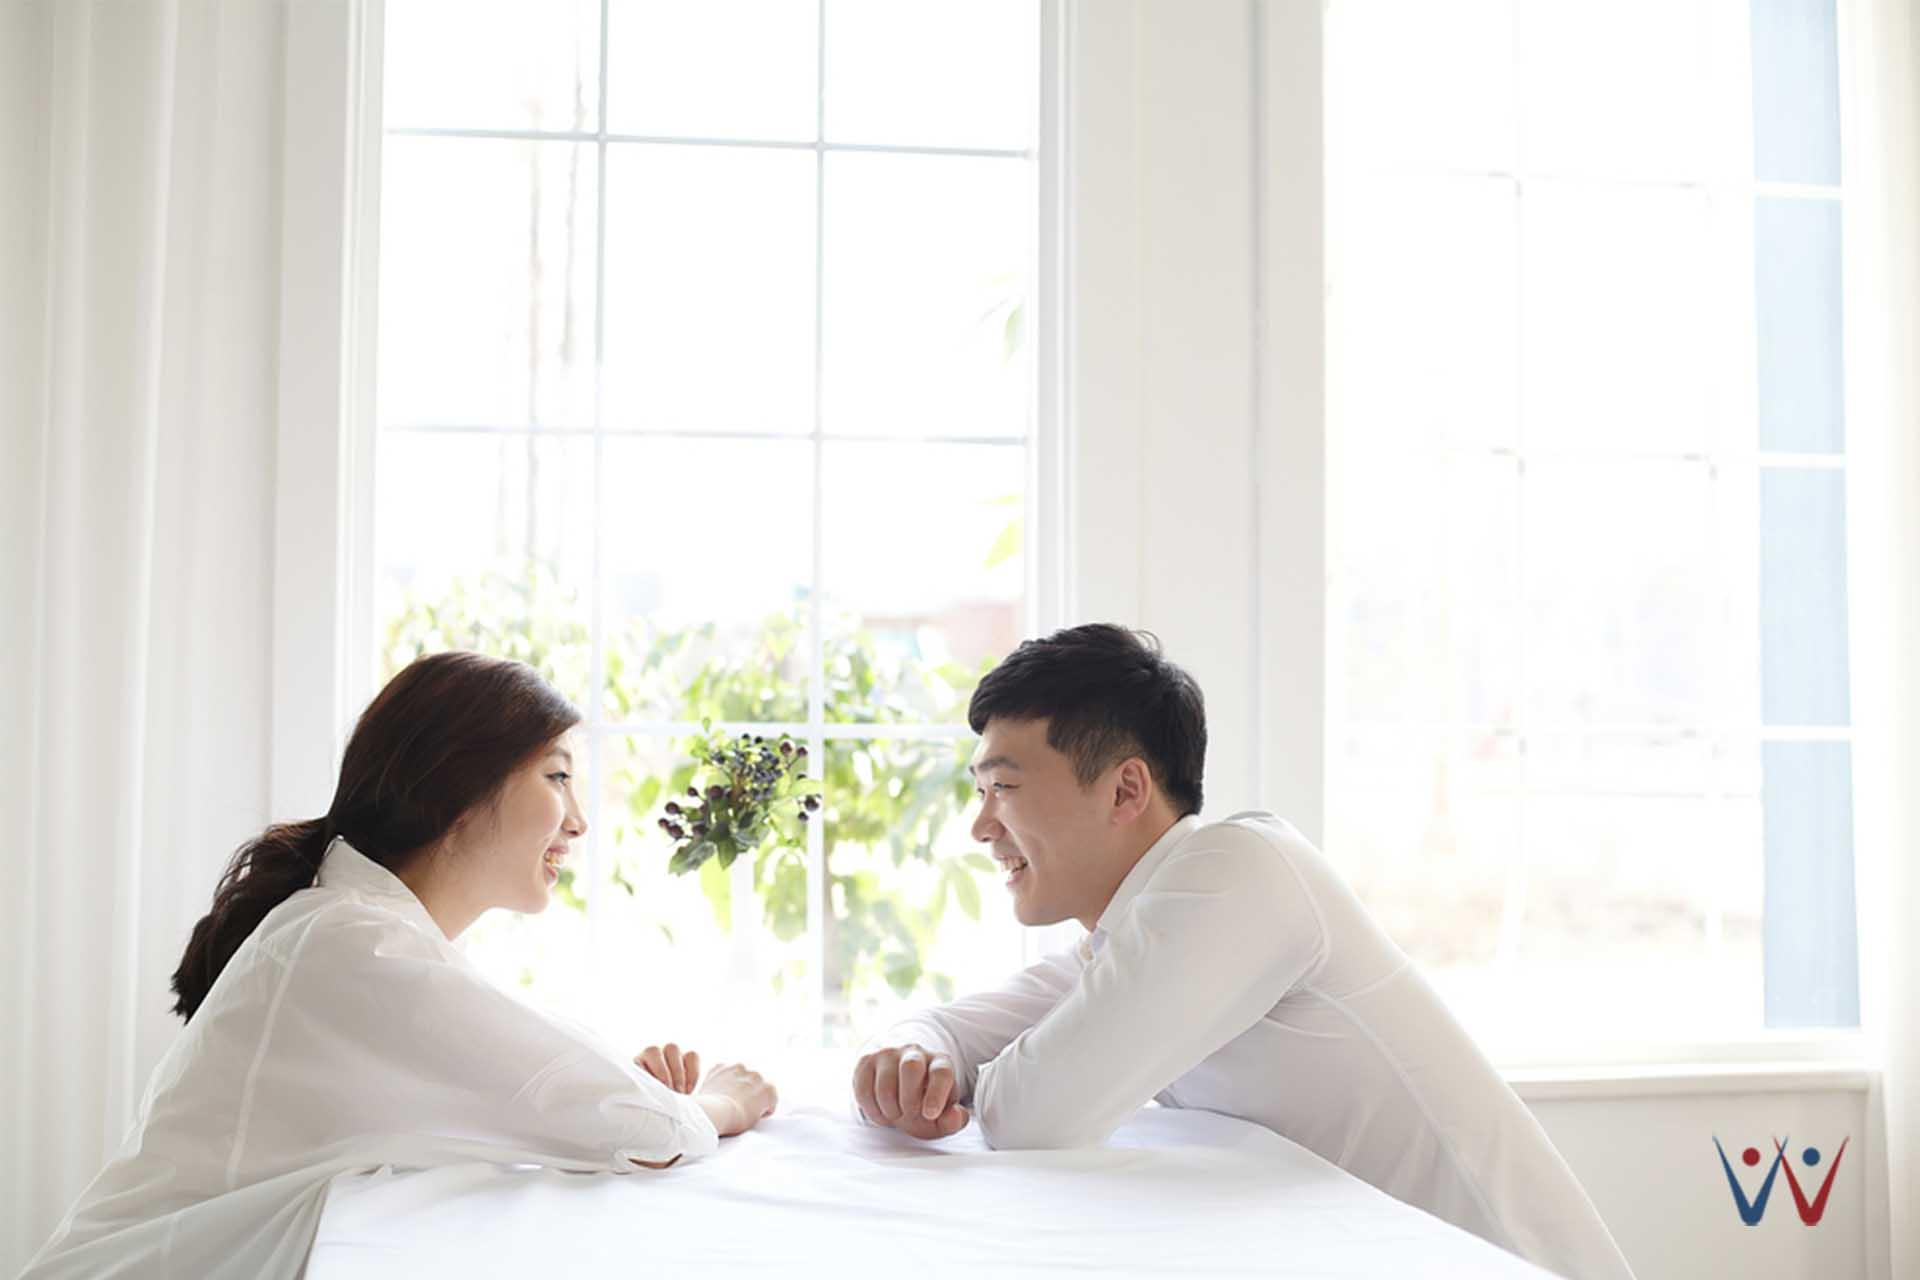 nasihat keuangan - pasangan - ngobrol